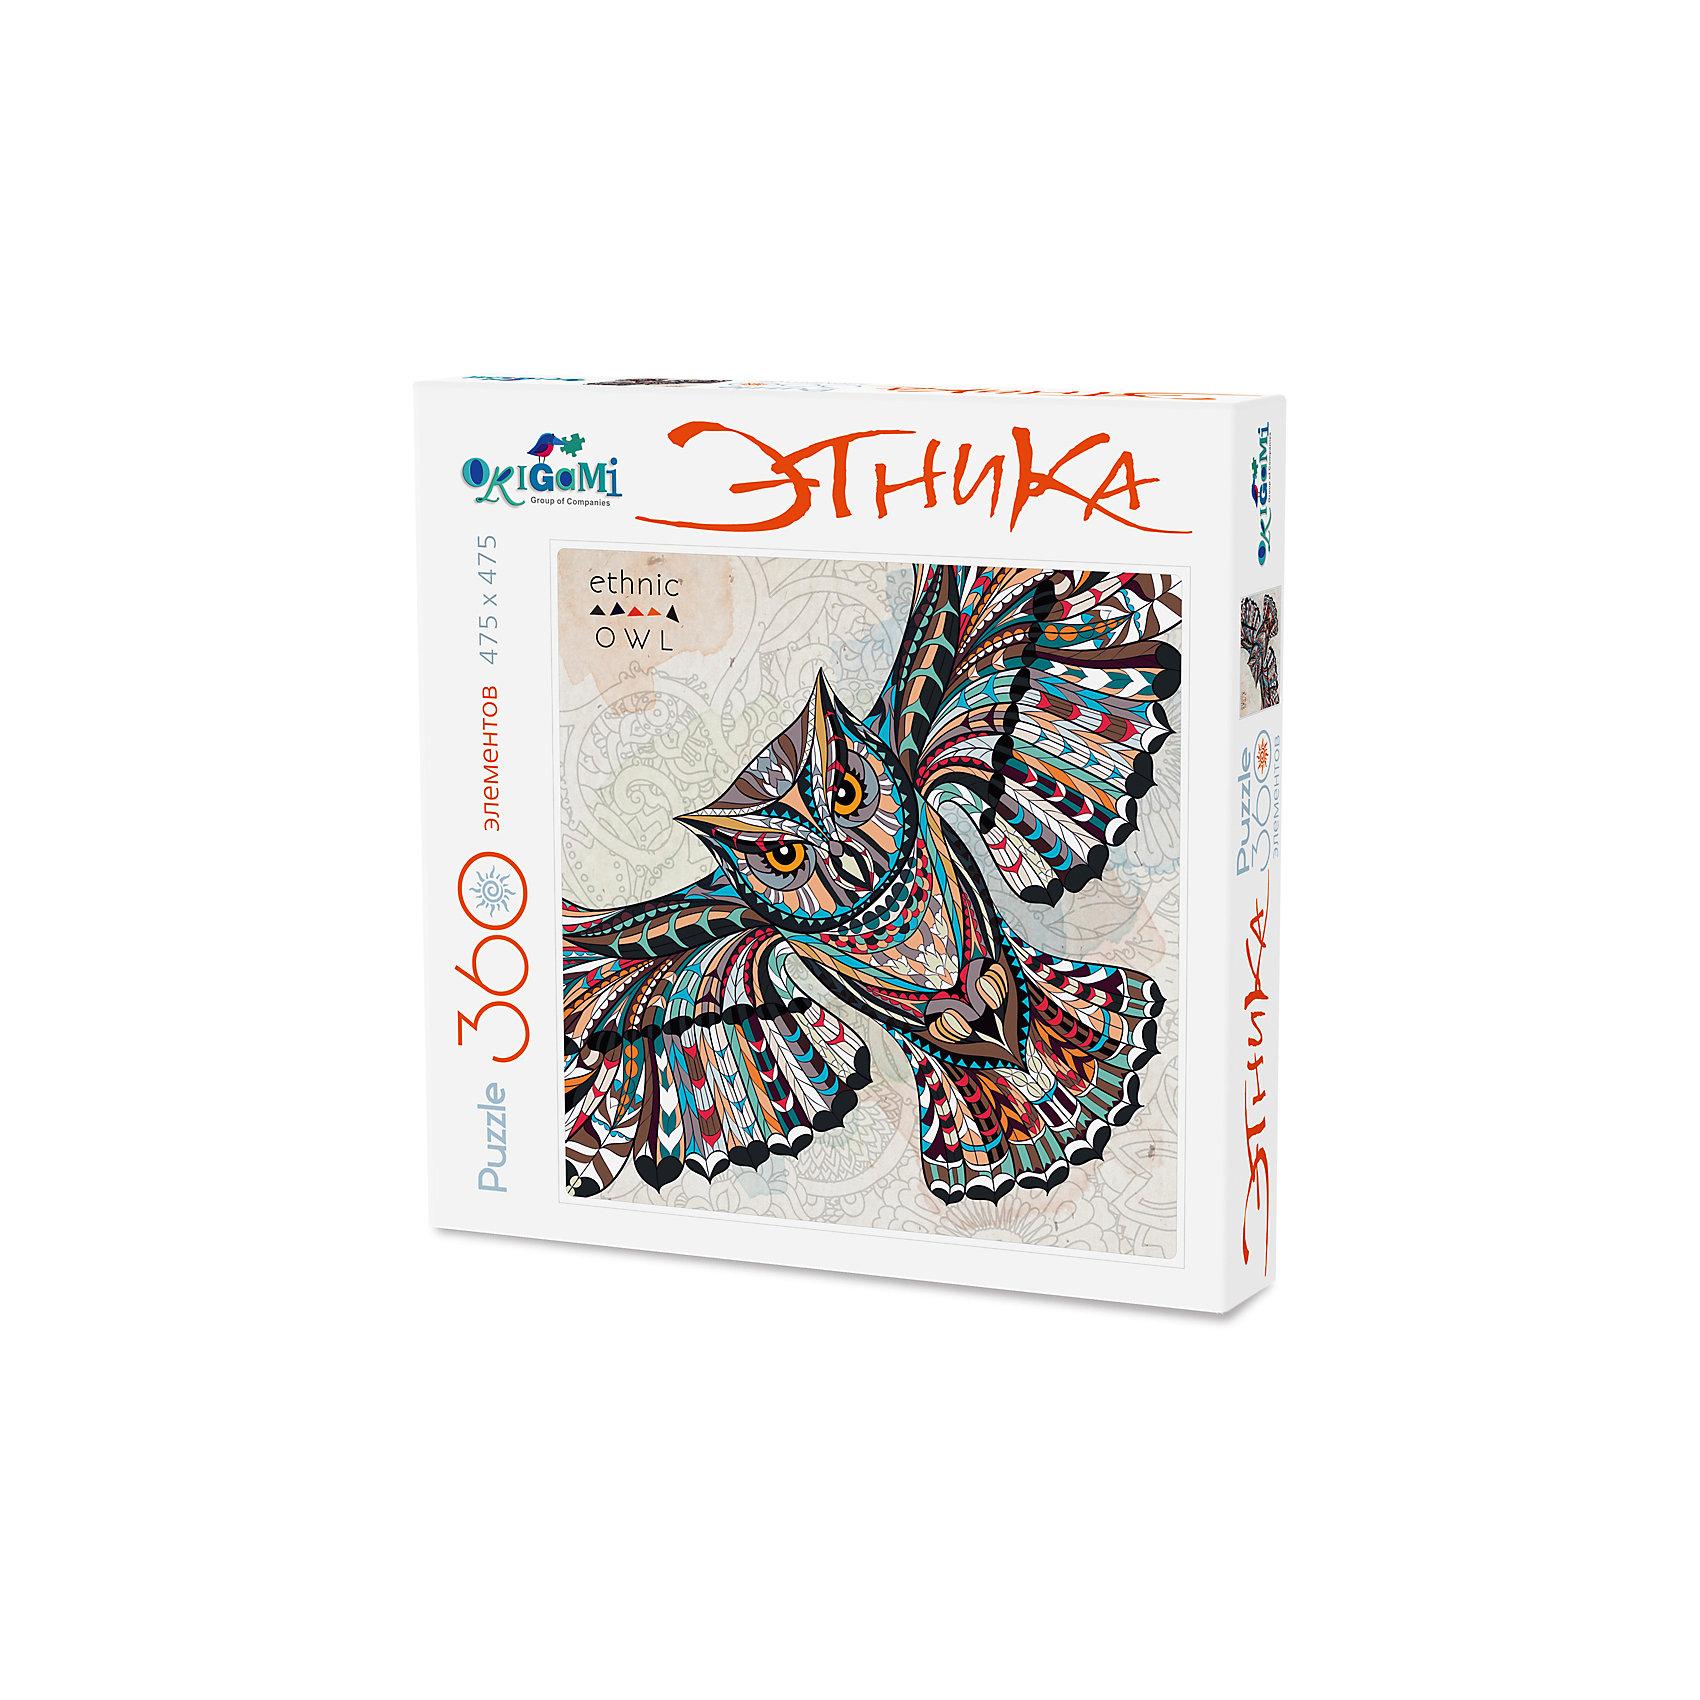 Пазл арт-терапия Сова, OrigamiПазлы для малышей<br>Пазл арт-терапия Сова, Origami<br><br>Характеристики:<br><br>• Количество элементов: 360 шт.<br>• Размер упаковки: 24 *4,5*24 см<br>• Размер готовой картинки: 4,75*4,75 см <br>• Состав: картон<br>• Вес: 230 г<br>• Для детей в возрасте: от 6 до 10 лет<br>• Страна производитель: Россия<br><br>Здесь ребенку предстоит собрать полное изображение тотемной совы, выполненной тонкими художественными линиями, что будет способствовать ребенку развивать свои способности в направлении рисования. Высококачественный пазл отлично собирается, благодаря хорошо подходящим друг к другу деталям. Вы с легкостью сможете склеить кусочки, превратив пазл в красивую картину, или можете разобрать его и снова собрать позже.<br><br>Пазл арт-терапия Сова, Origami можно купить в нашем интернет-магазине.<br><br>Ширина мм: 243<br>Глубина мм: 45<br>Высота мм: 243<br>Вес г: 230<br>Возраст от месяцев: 72<br>Возраст до месяцев: 1188<br>Пол: Унисекс<br>Возраст: Детский<br>SKU: 5528447